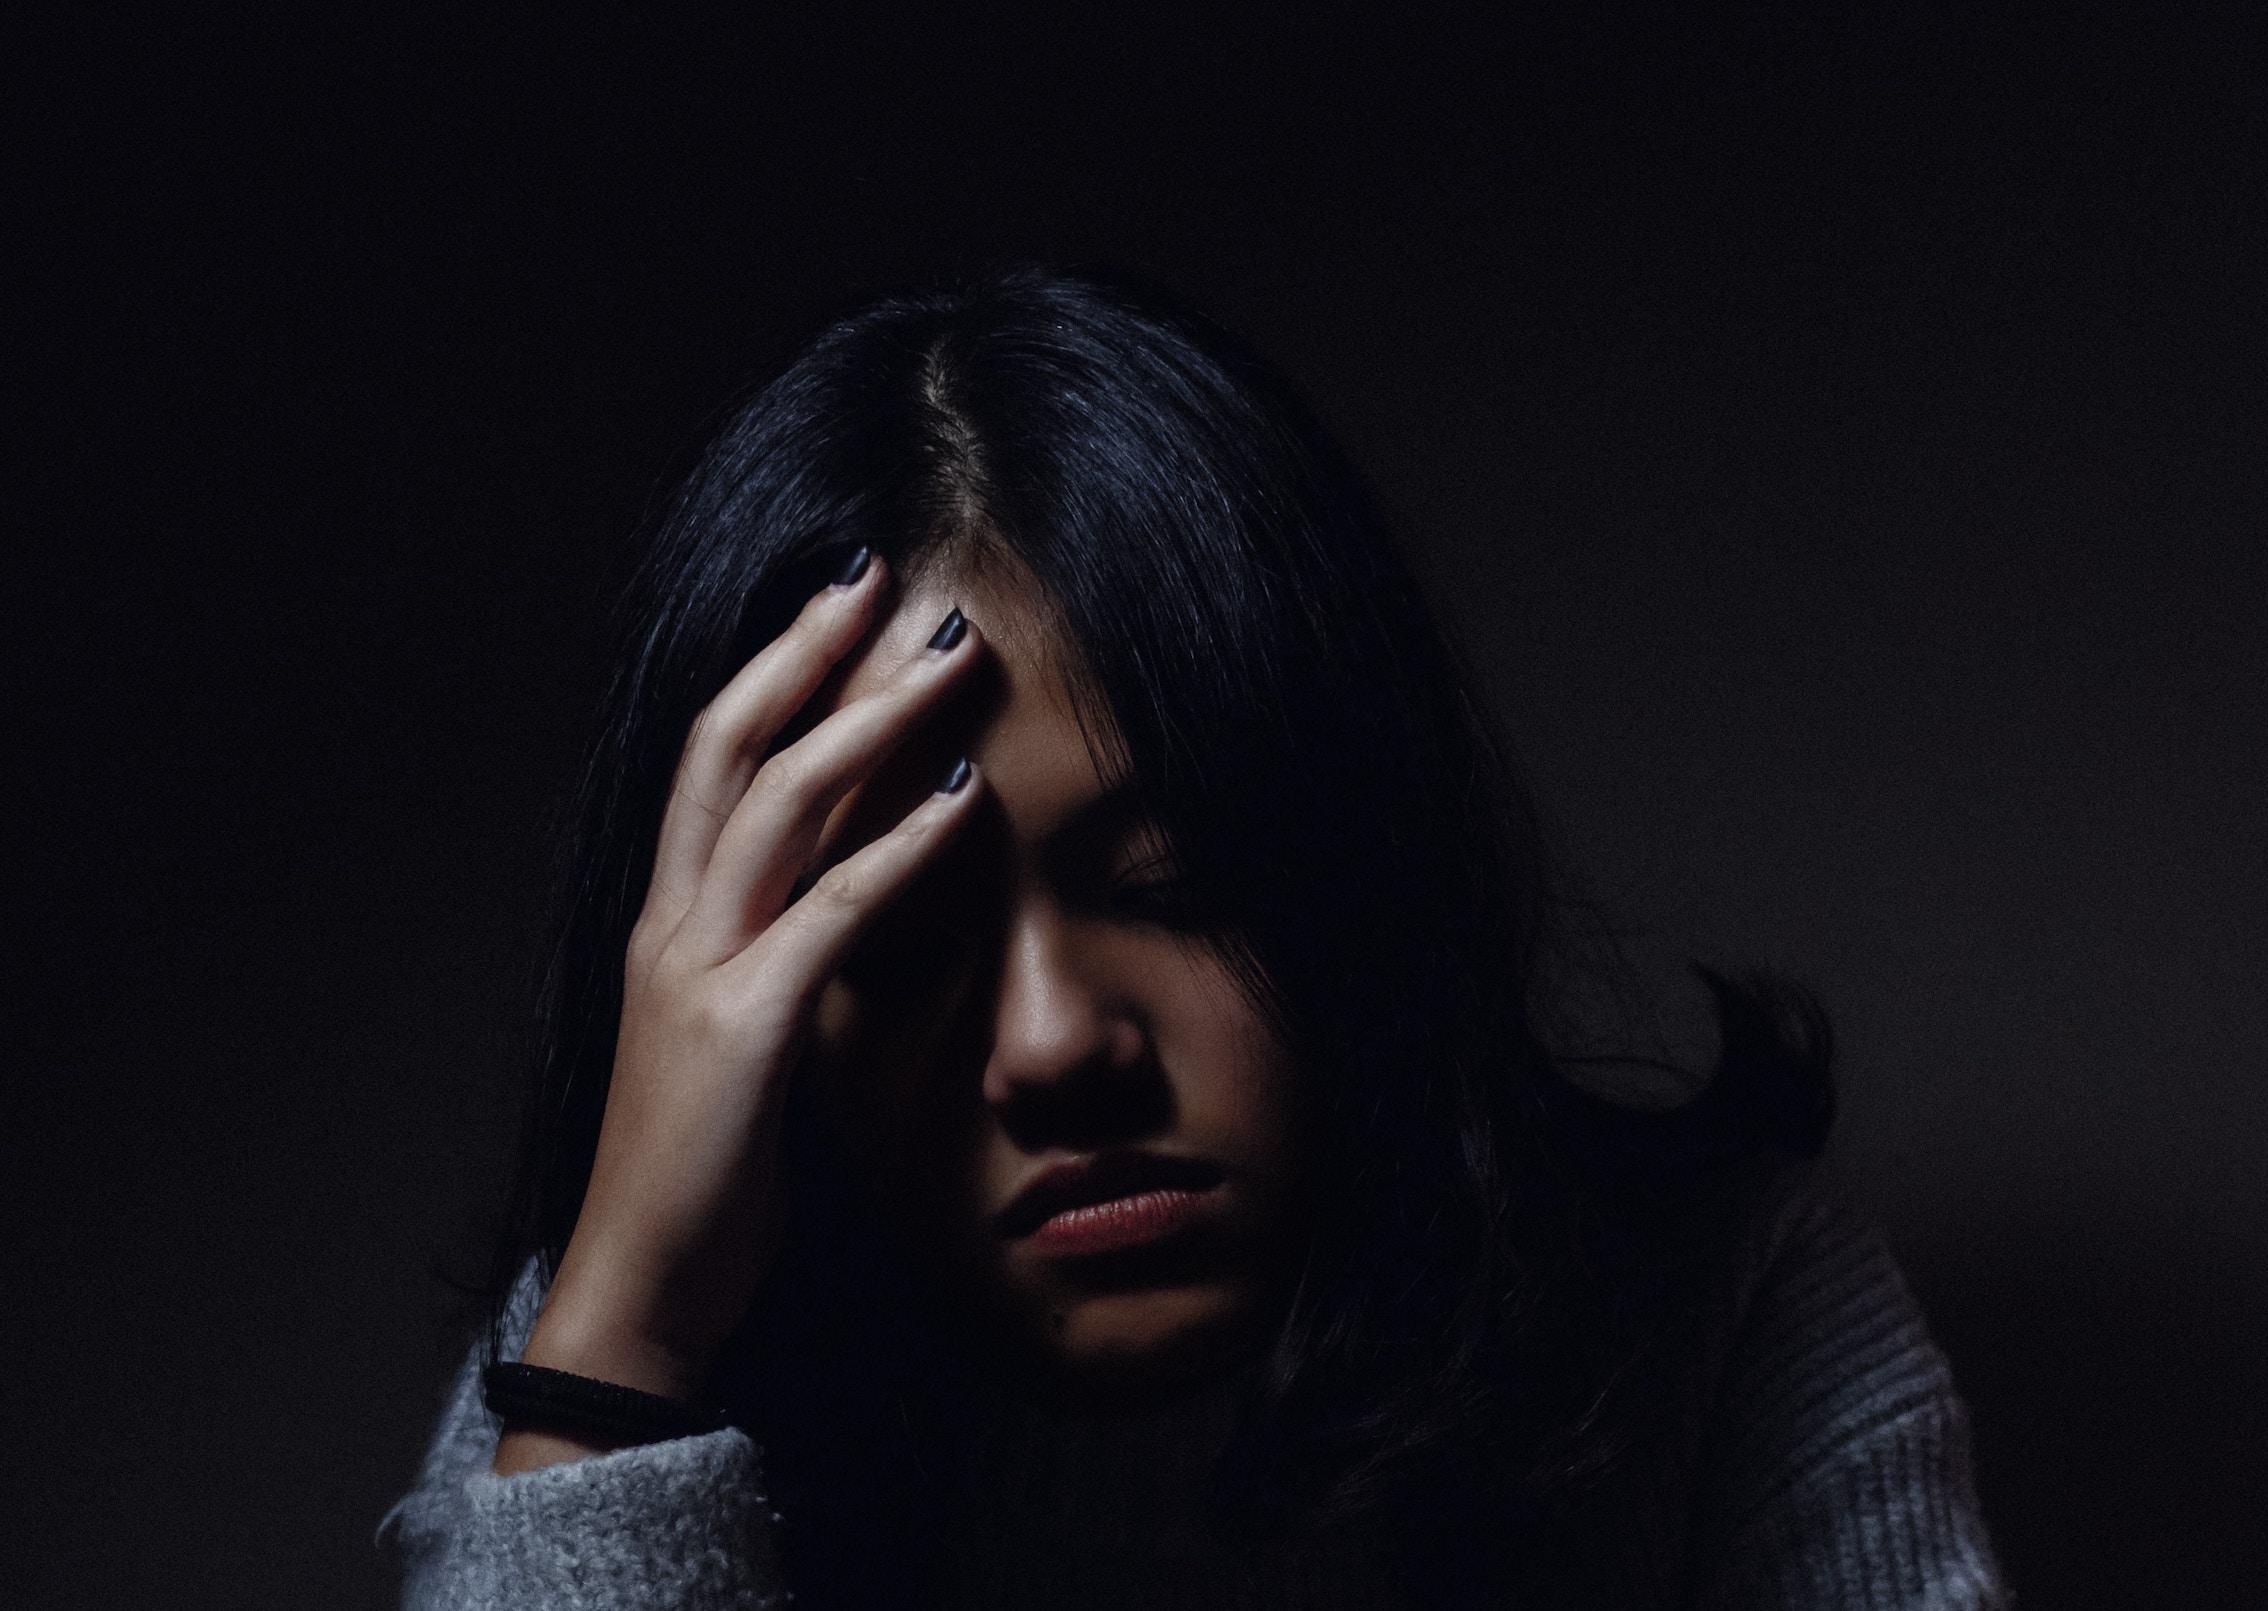 【頸源性頭痛】單側頭痛係症狀?全港患者或多於16萬人?